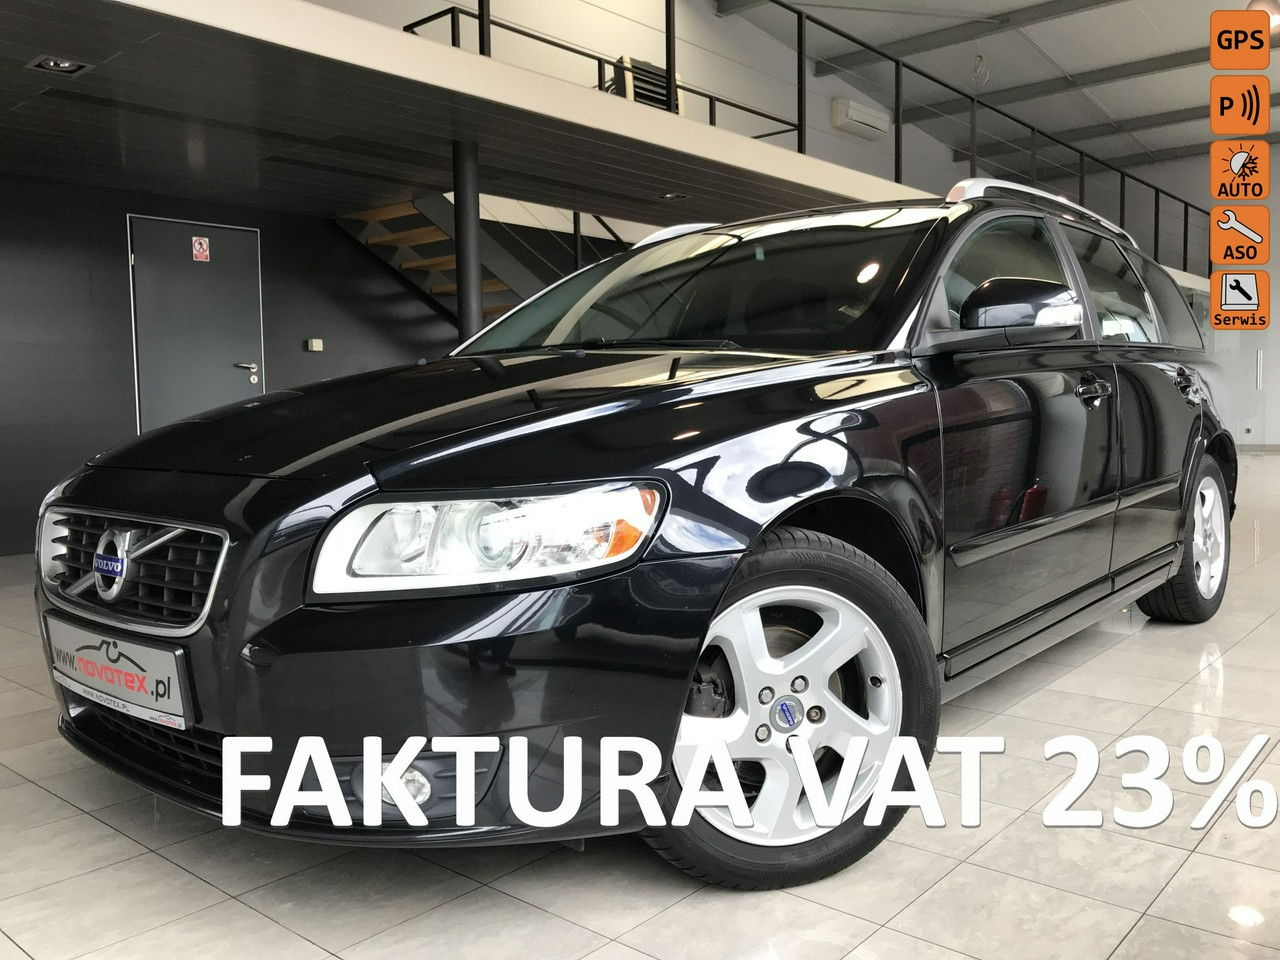 Volvo V50 1.6D*Momentum*navi*skóra*115KM*LED*175Tkm*serwis ASO Volvo*gwarancja